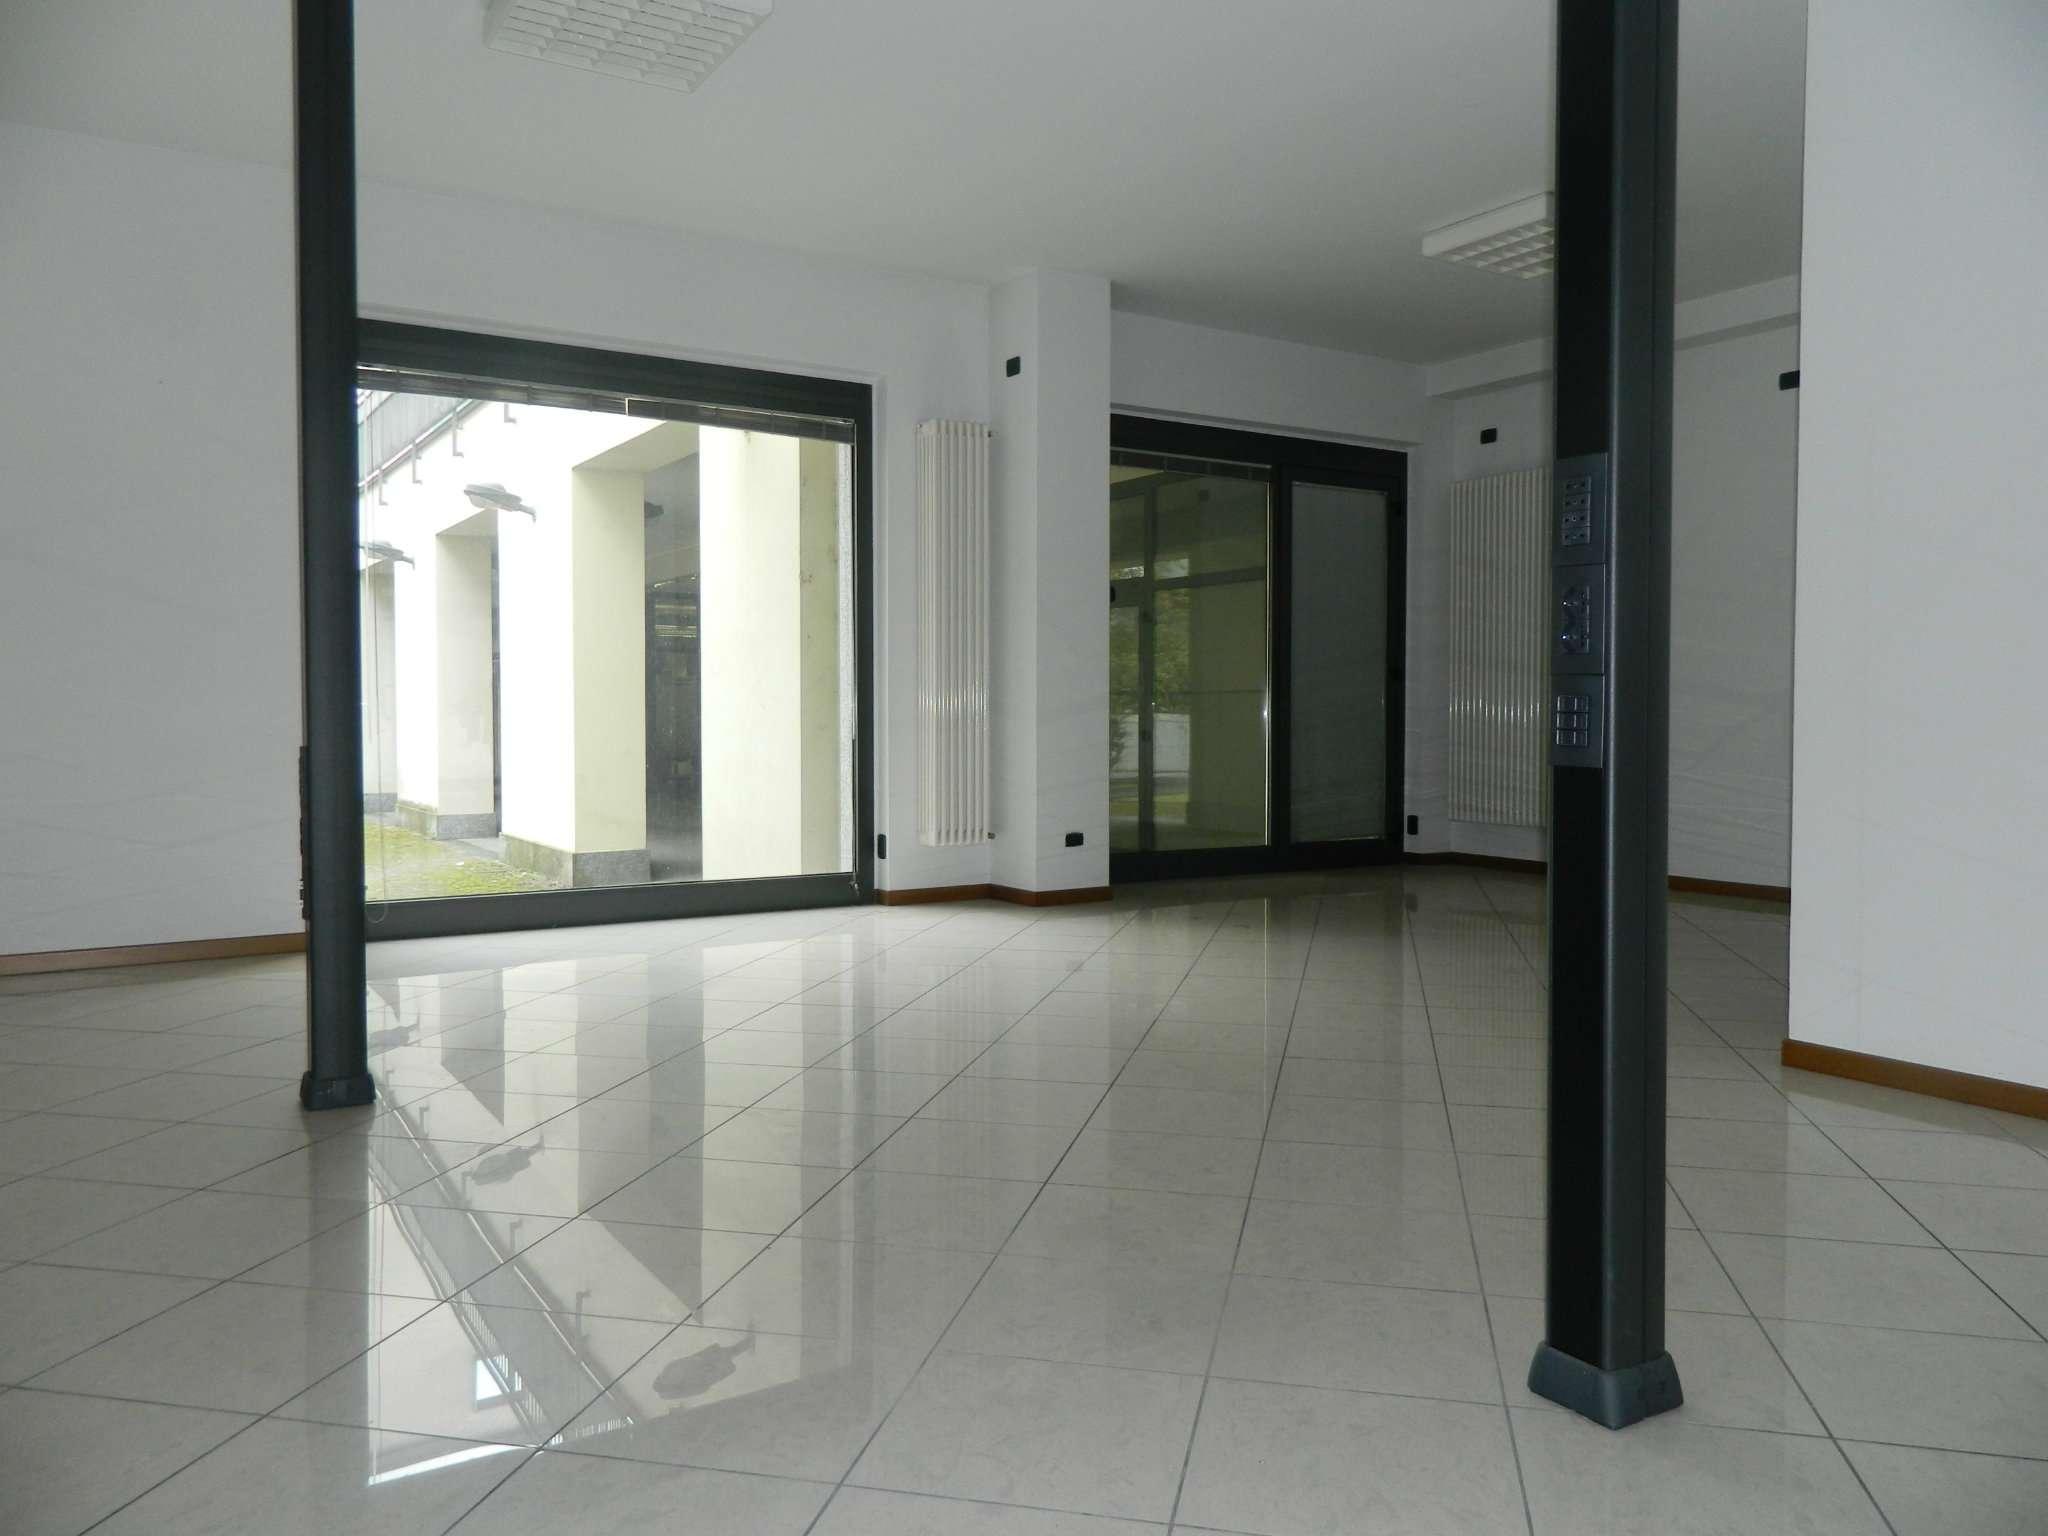 Negozio / Locale in vendita a Sondrio, 1 locali, prezzo € 155.000 | CambioCasa.it